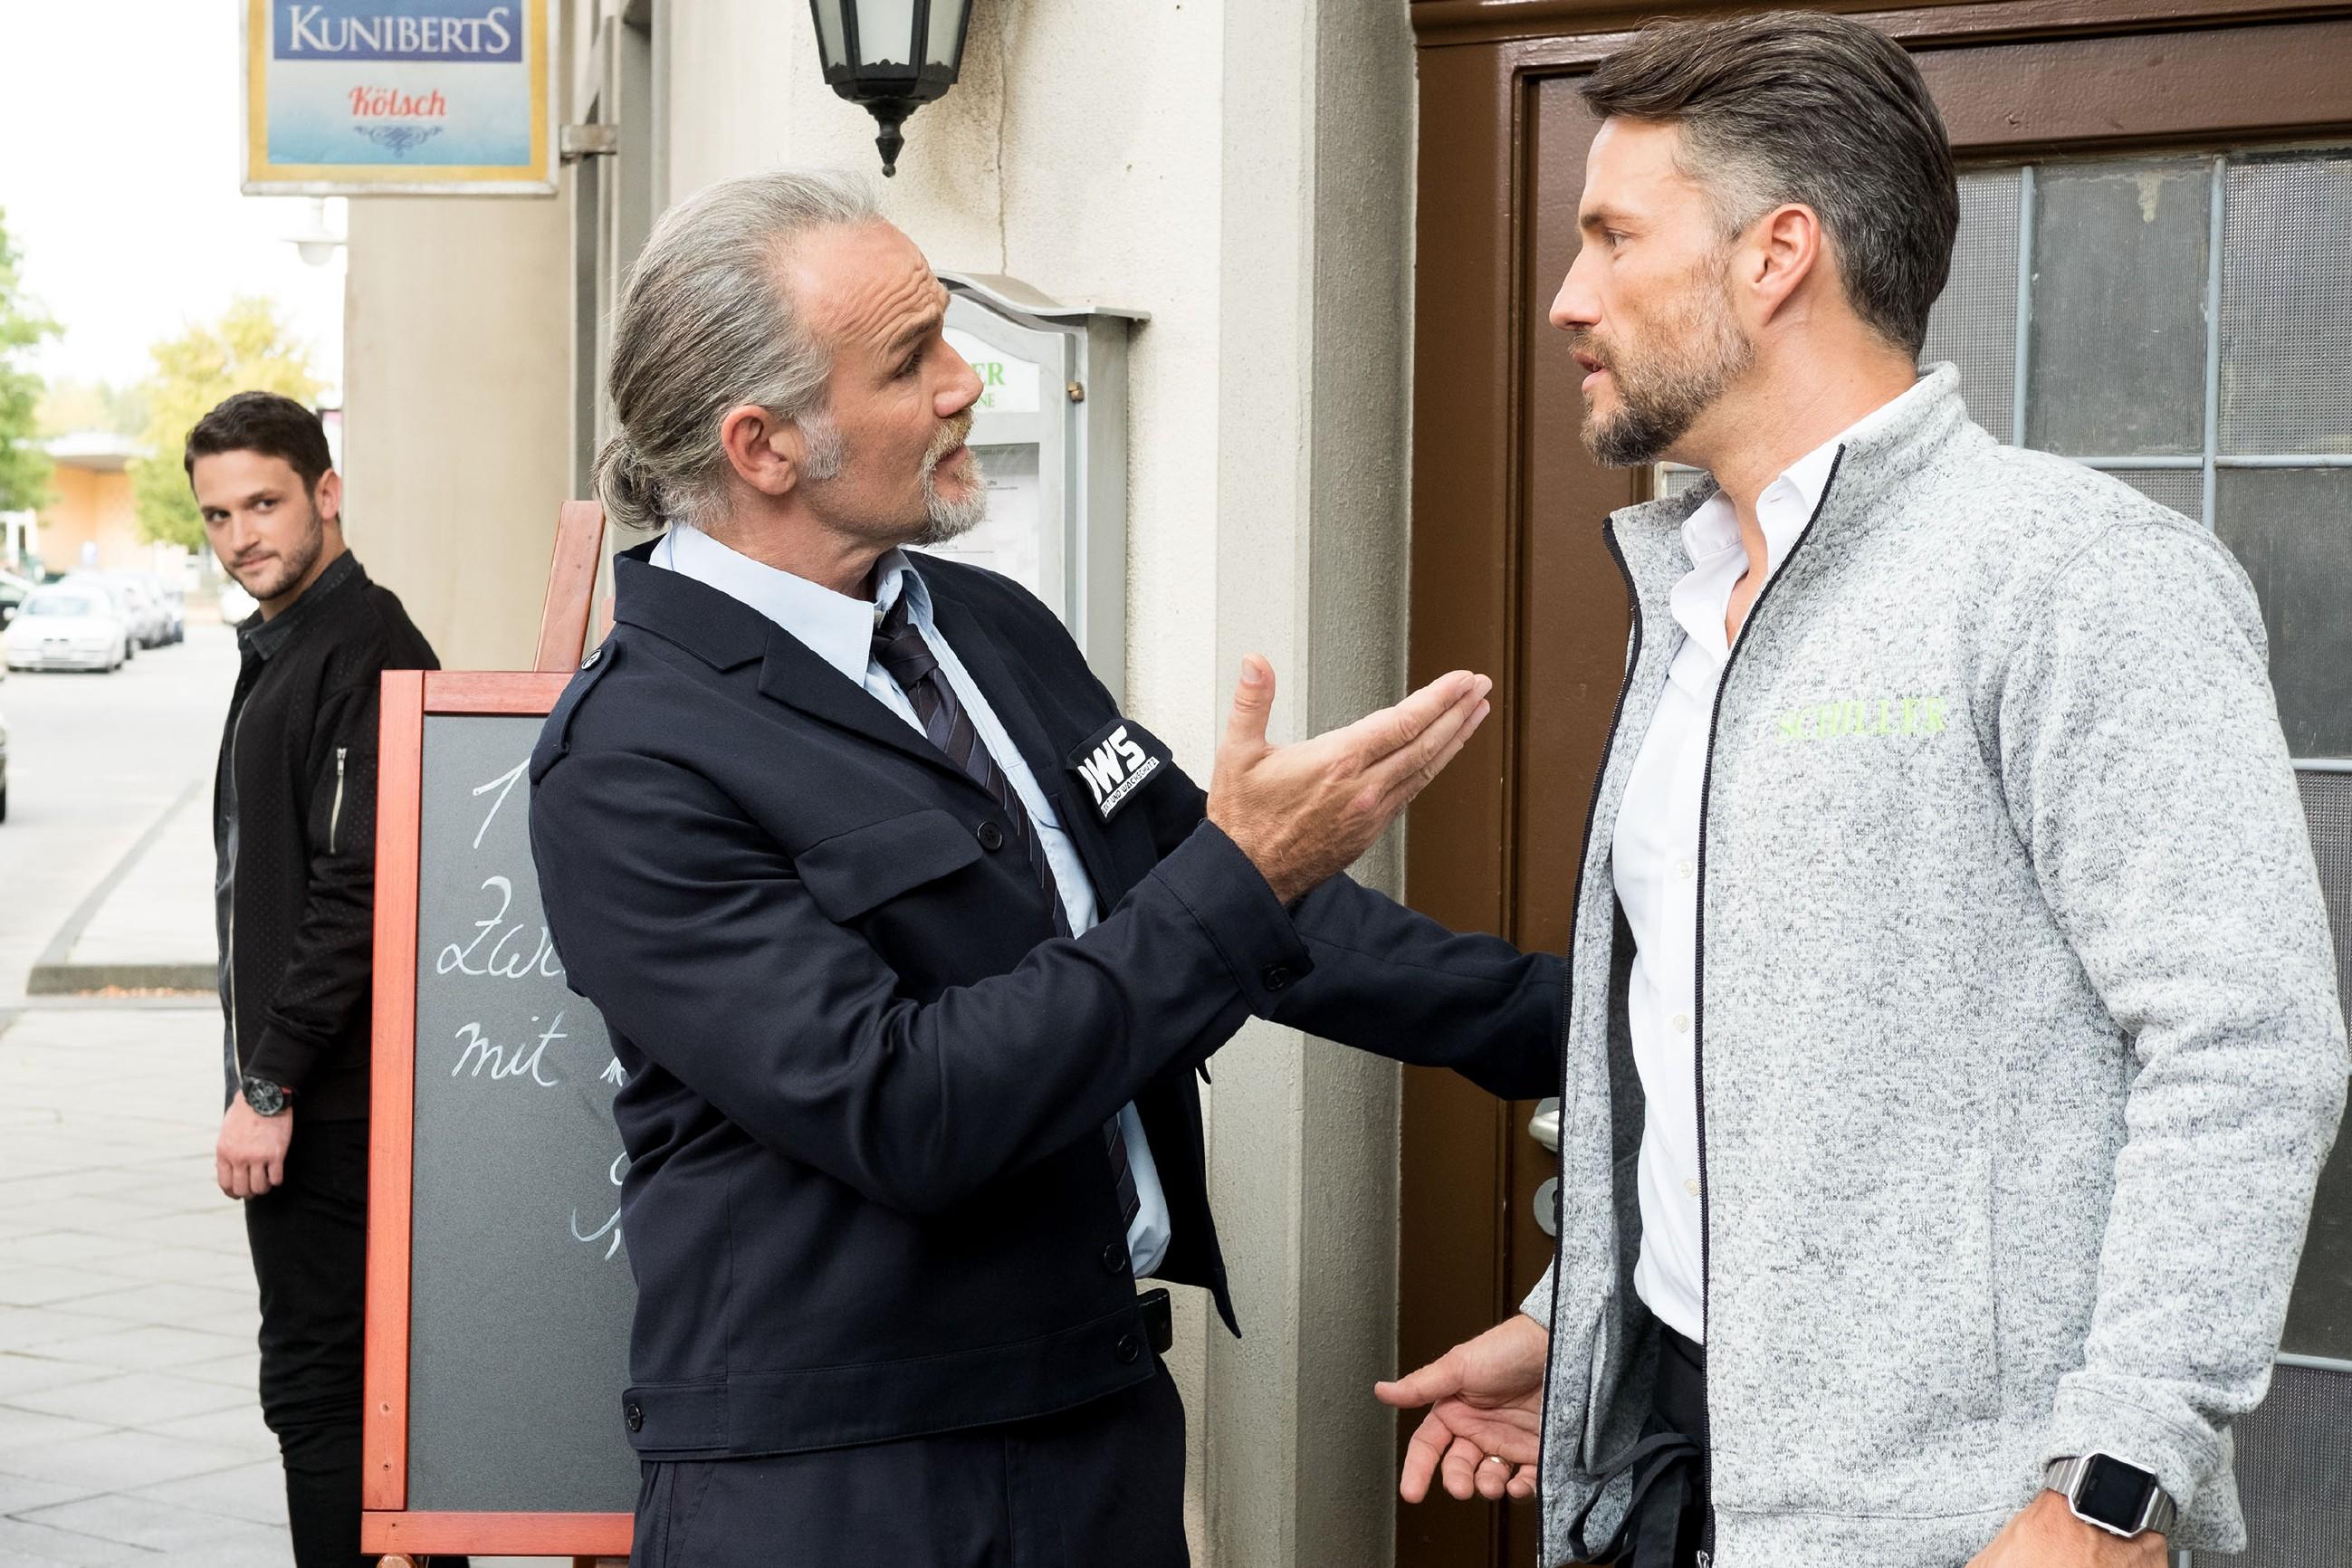 Um eine Eskalation zu vermeiden, hält Robert (Luca Maric, M.) Malte (Stefan Bockelmann) zurück, als dieser Mario (Arne Rudolf, l.) nachsetzen will. (Quelle: RTL / Stefan Behrens)